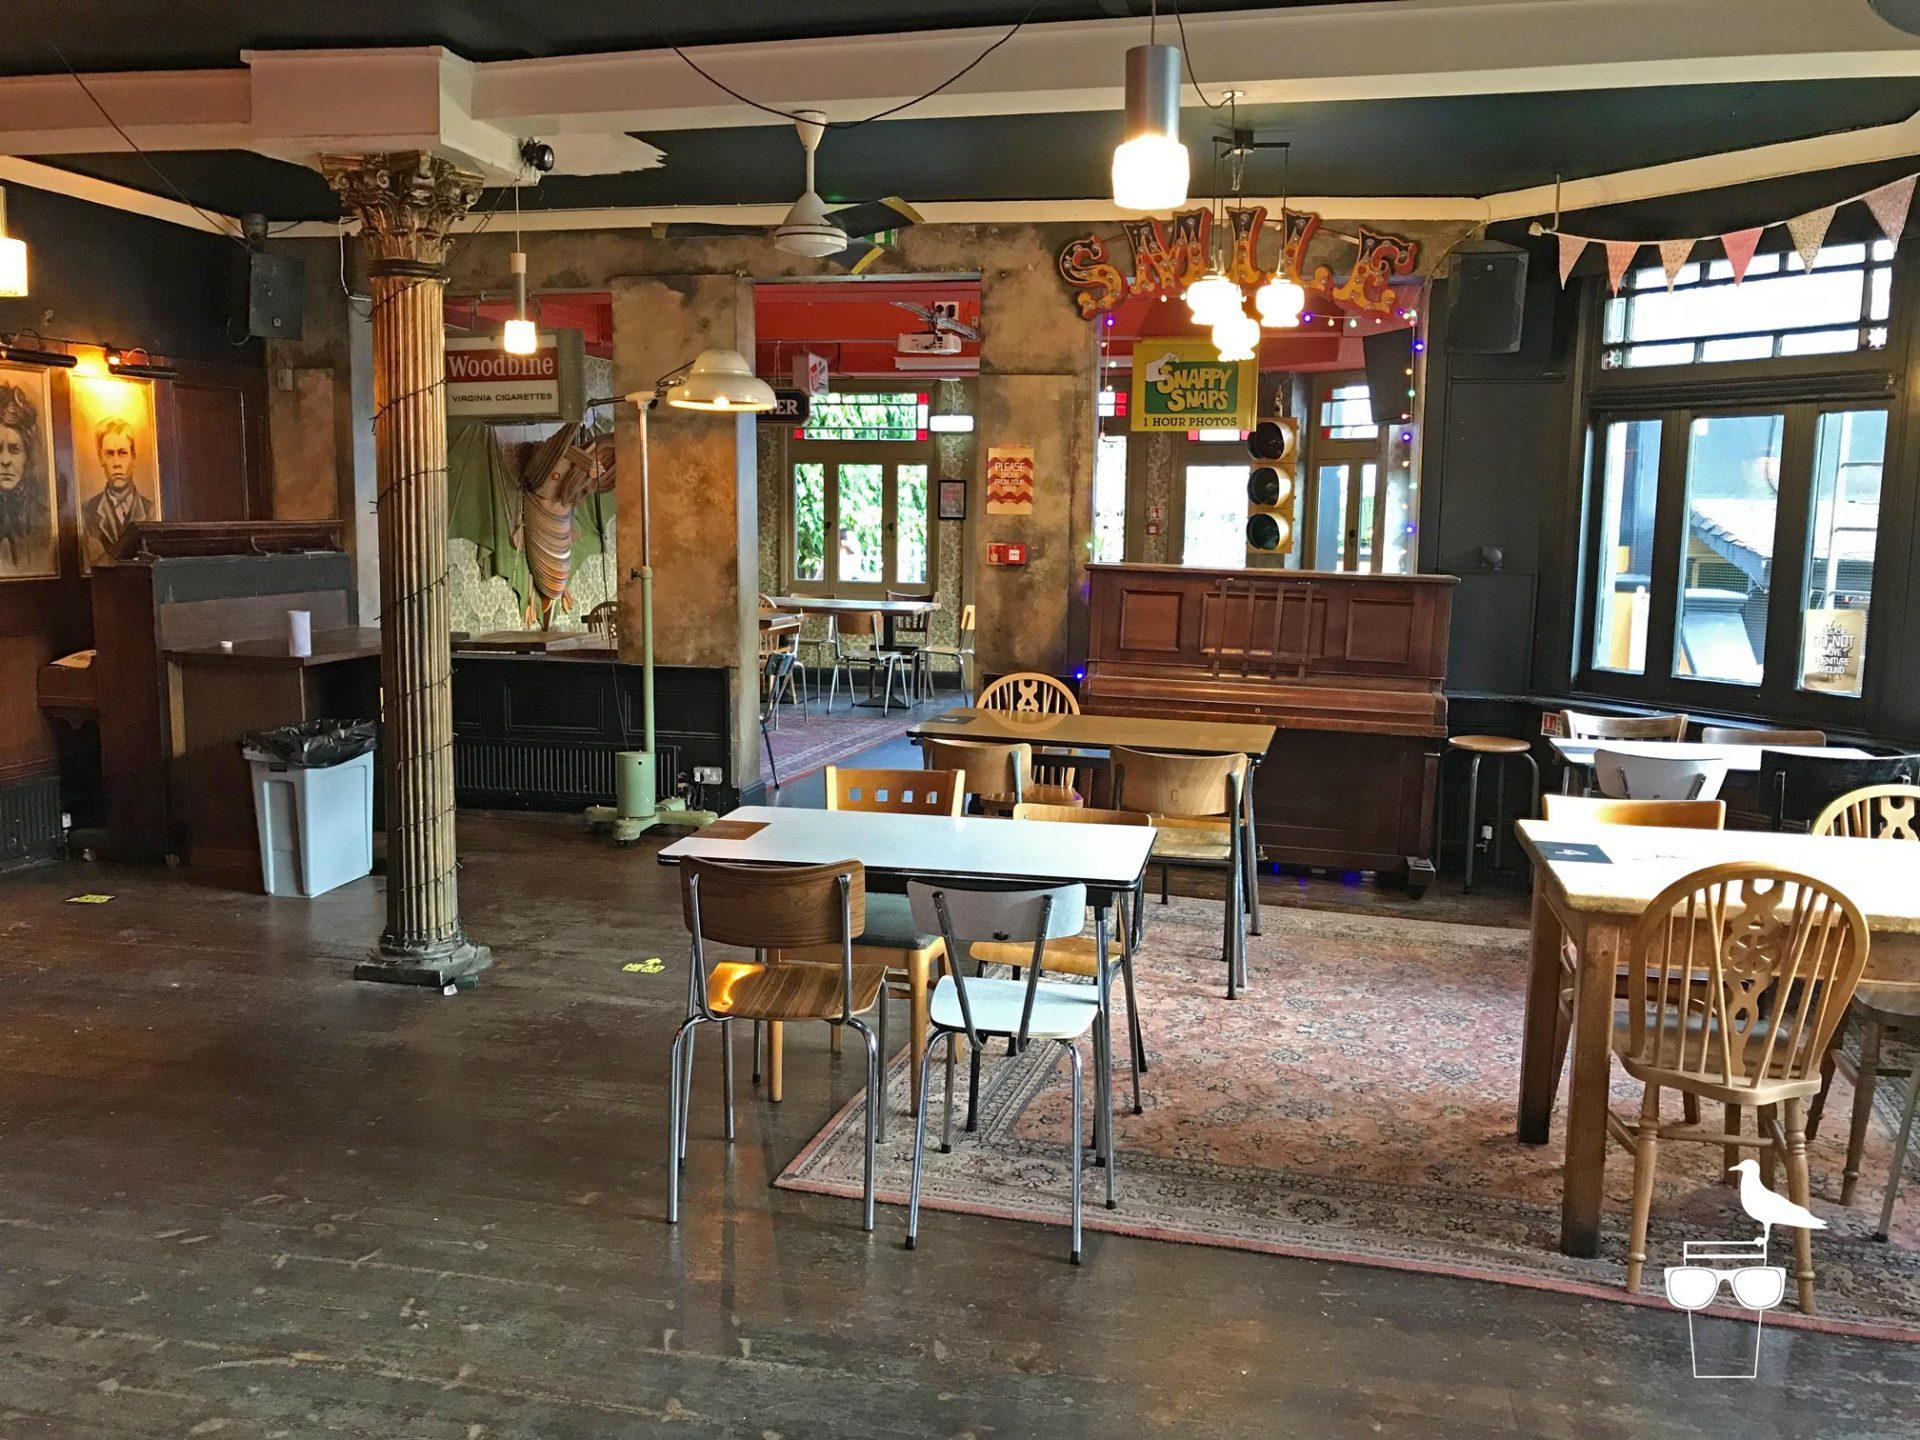 sidewinder-brighton-inside-pub-1